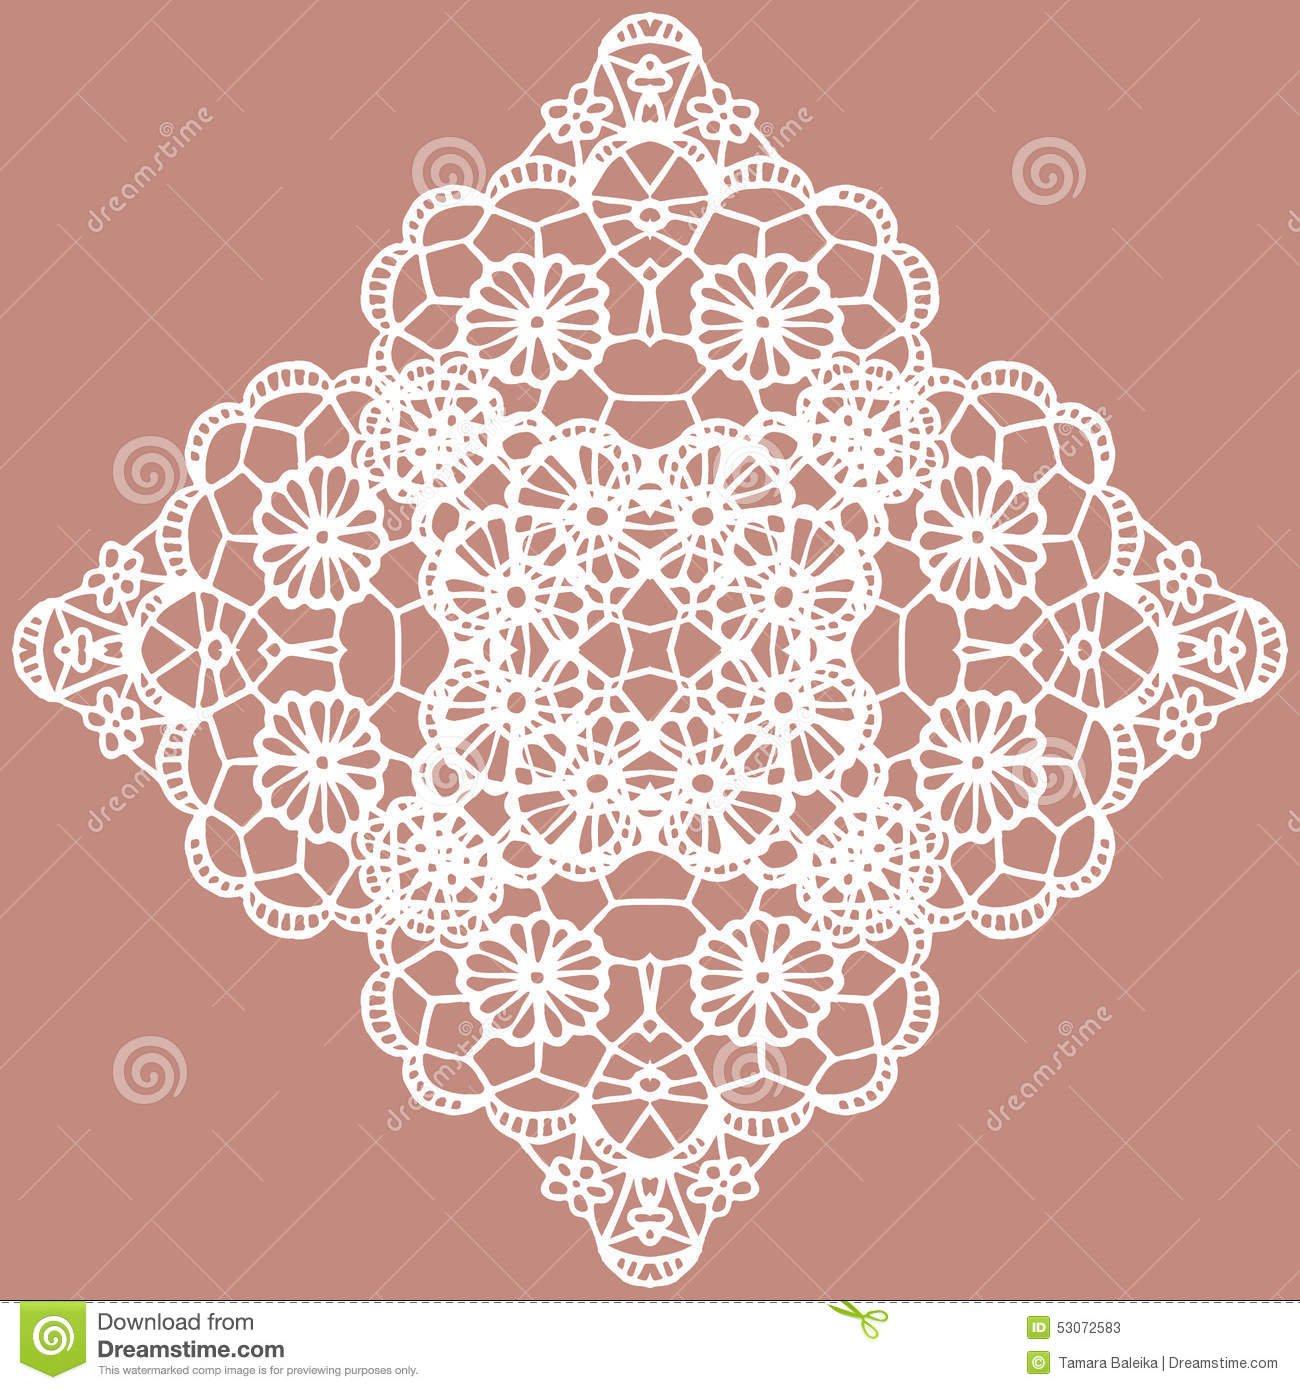 Snowflake Invitation Template Vector